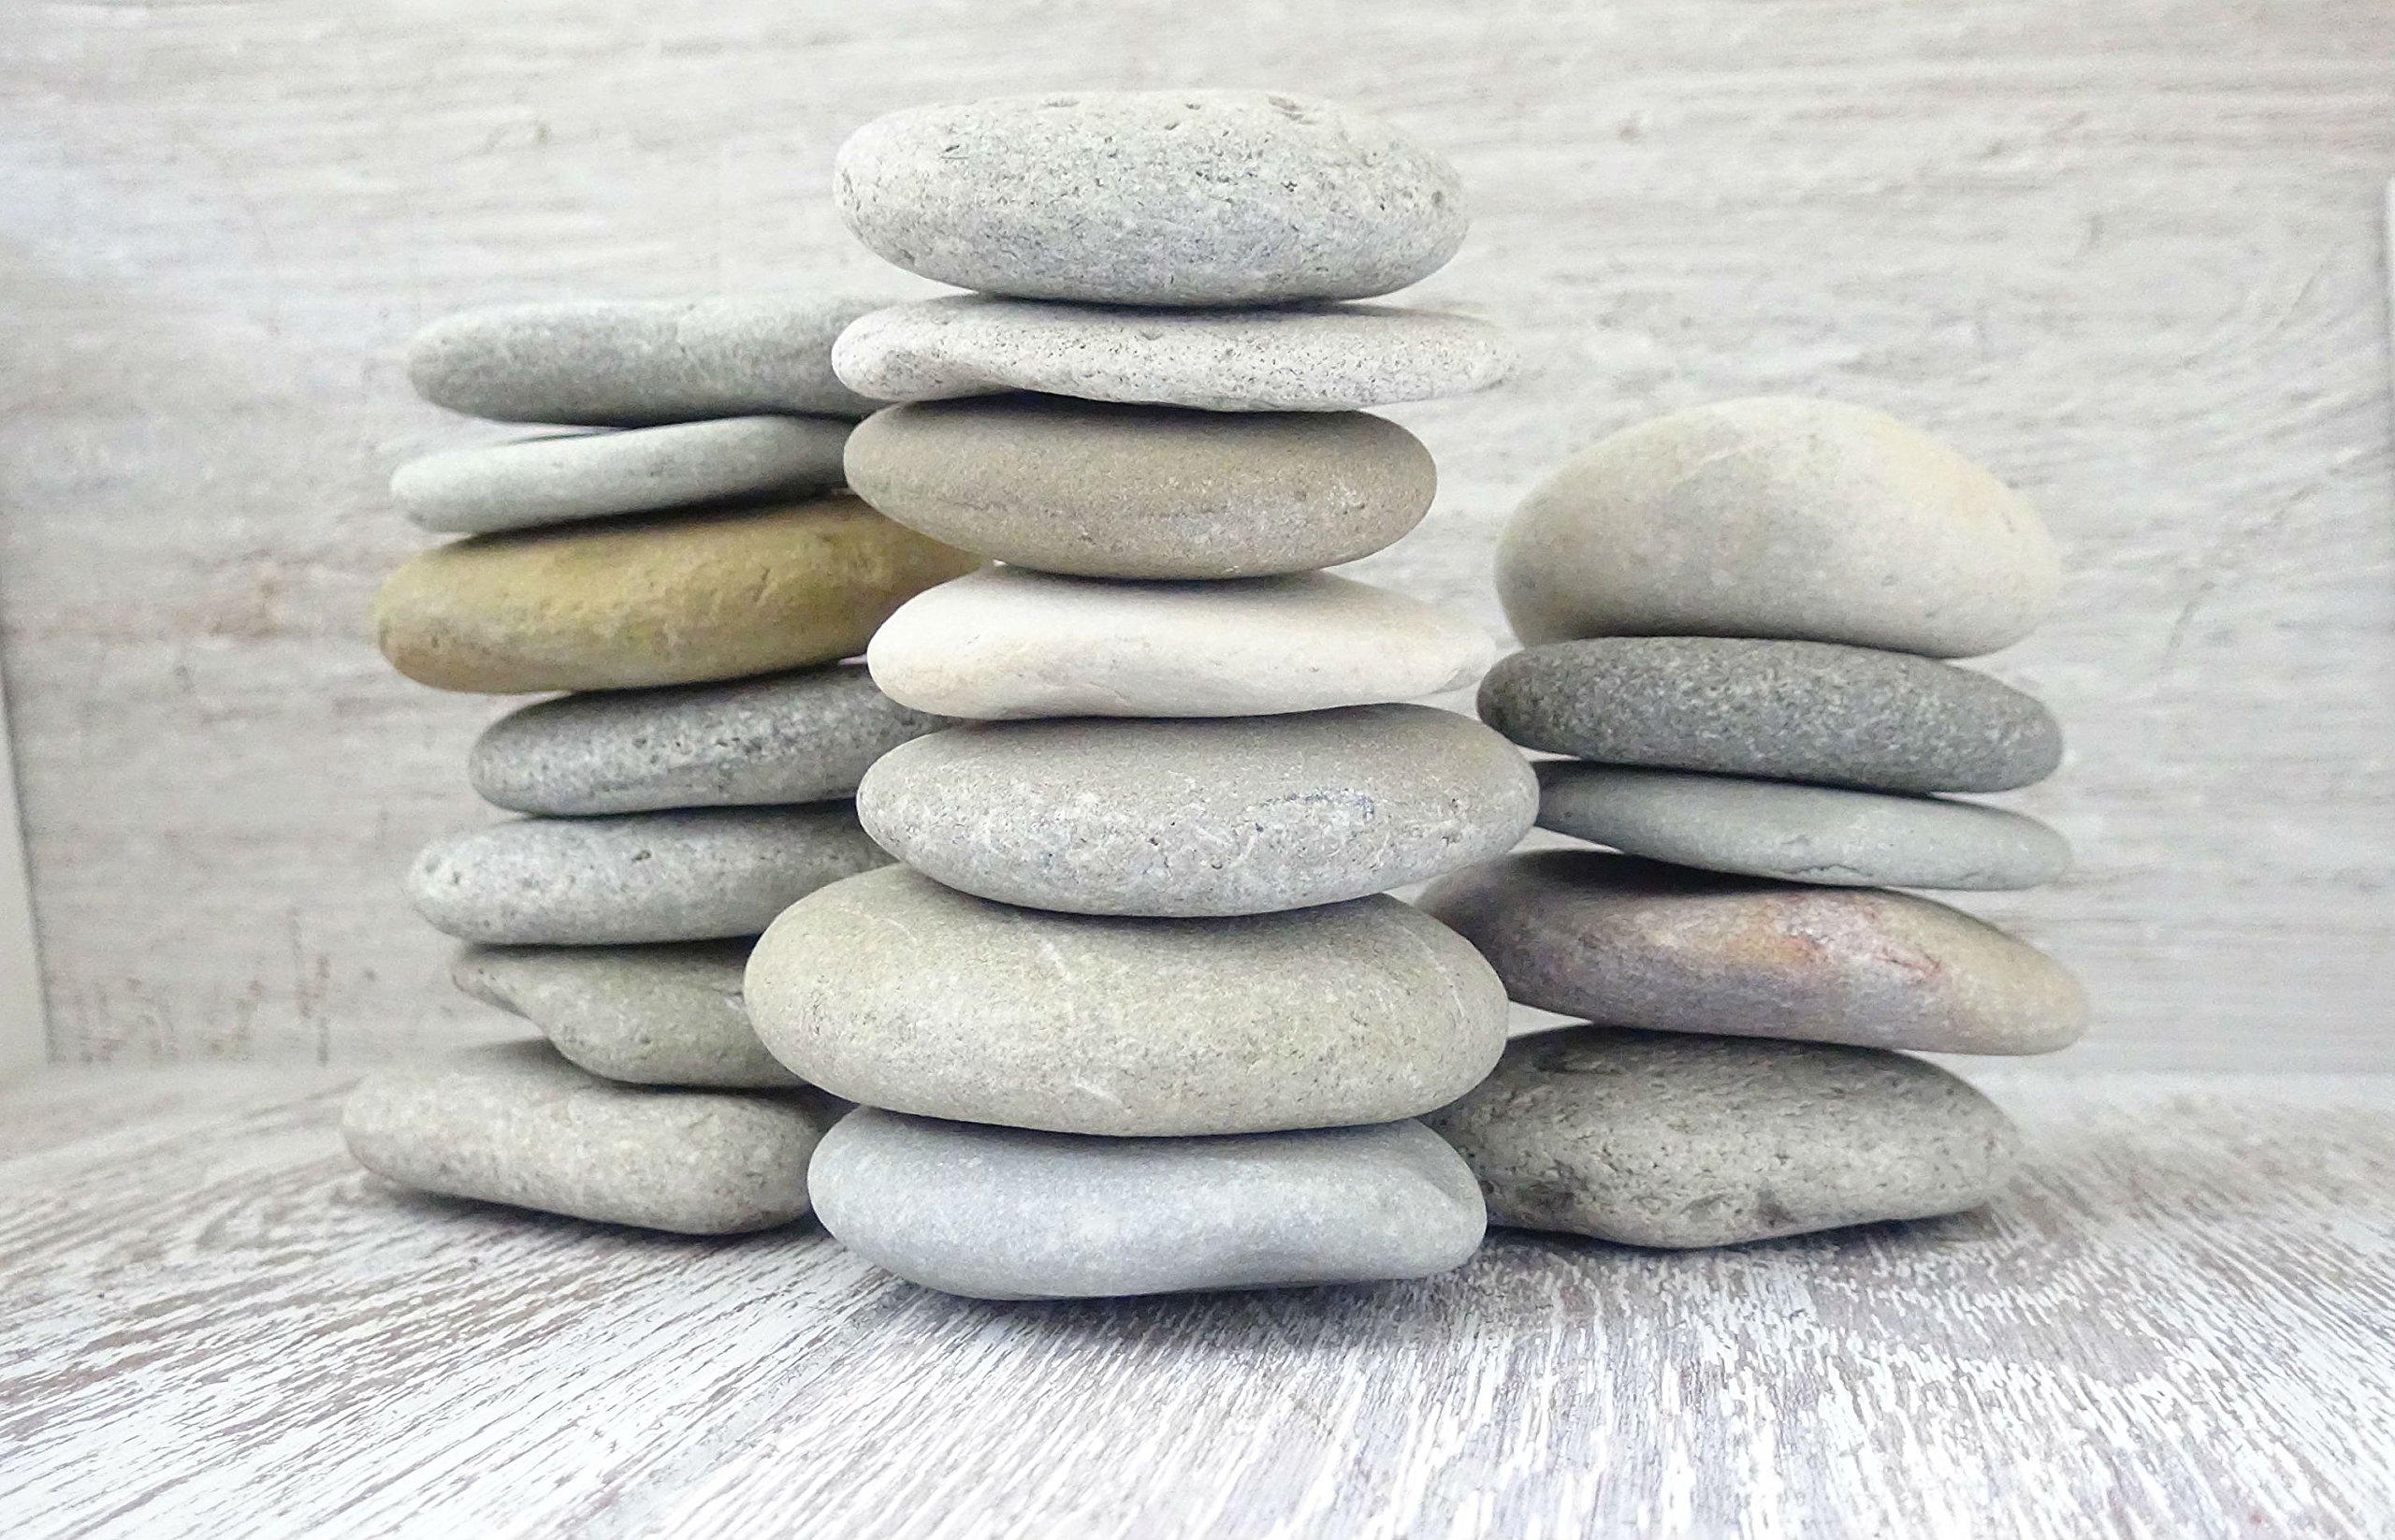 DIY Art Studio ZenStones/1 kg Piedras planas/piedras marinas/piedras/piedras decorativas/piedras de mandala/casco/piedras de playa/piedras artísticas/decoración de playa/arte de playa: Amazon.es: Electrónica